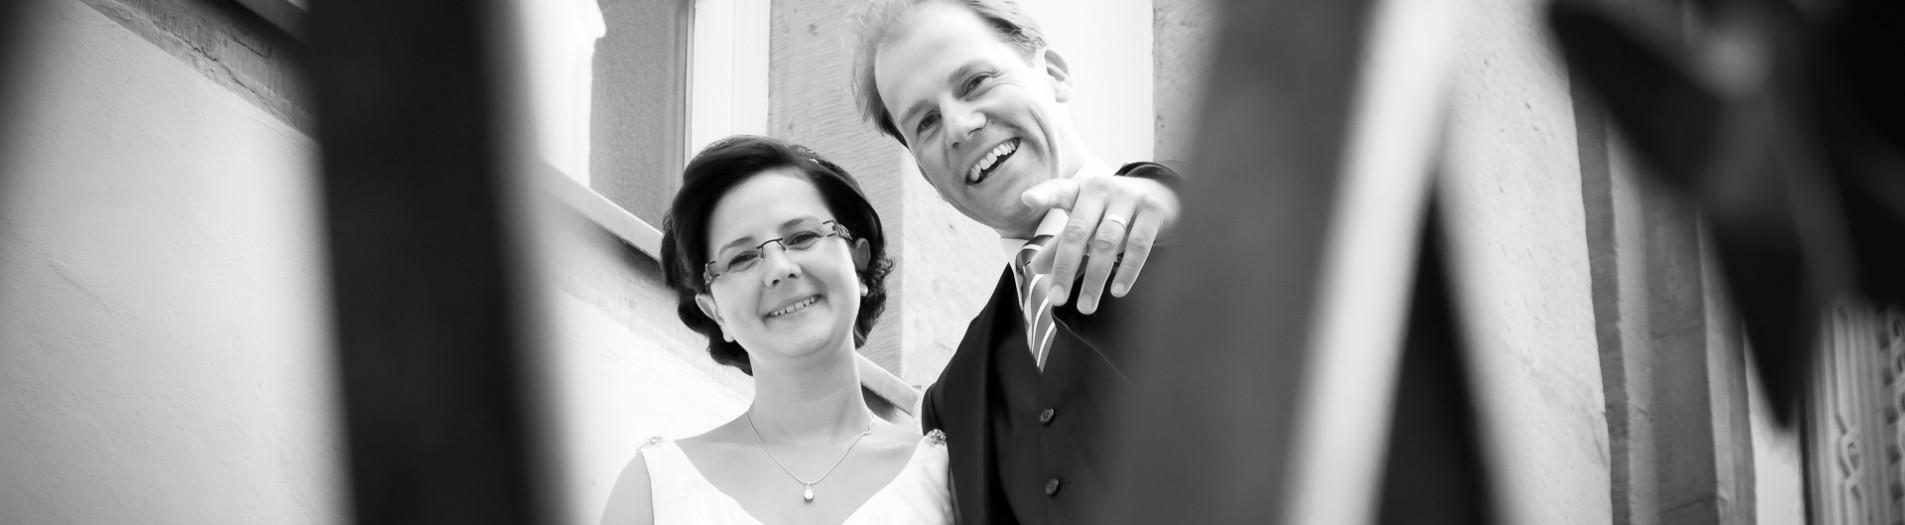 Fotograf aus Detmold und Hochzeitsfotos am Schloss in Schieder